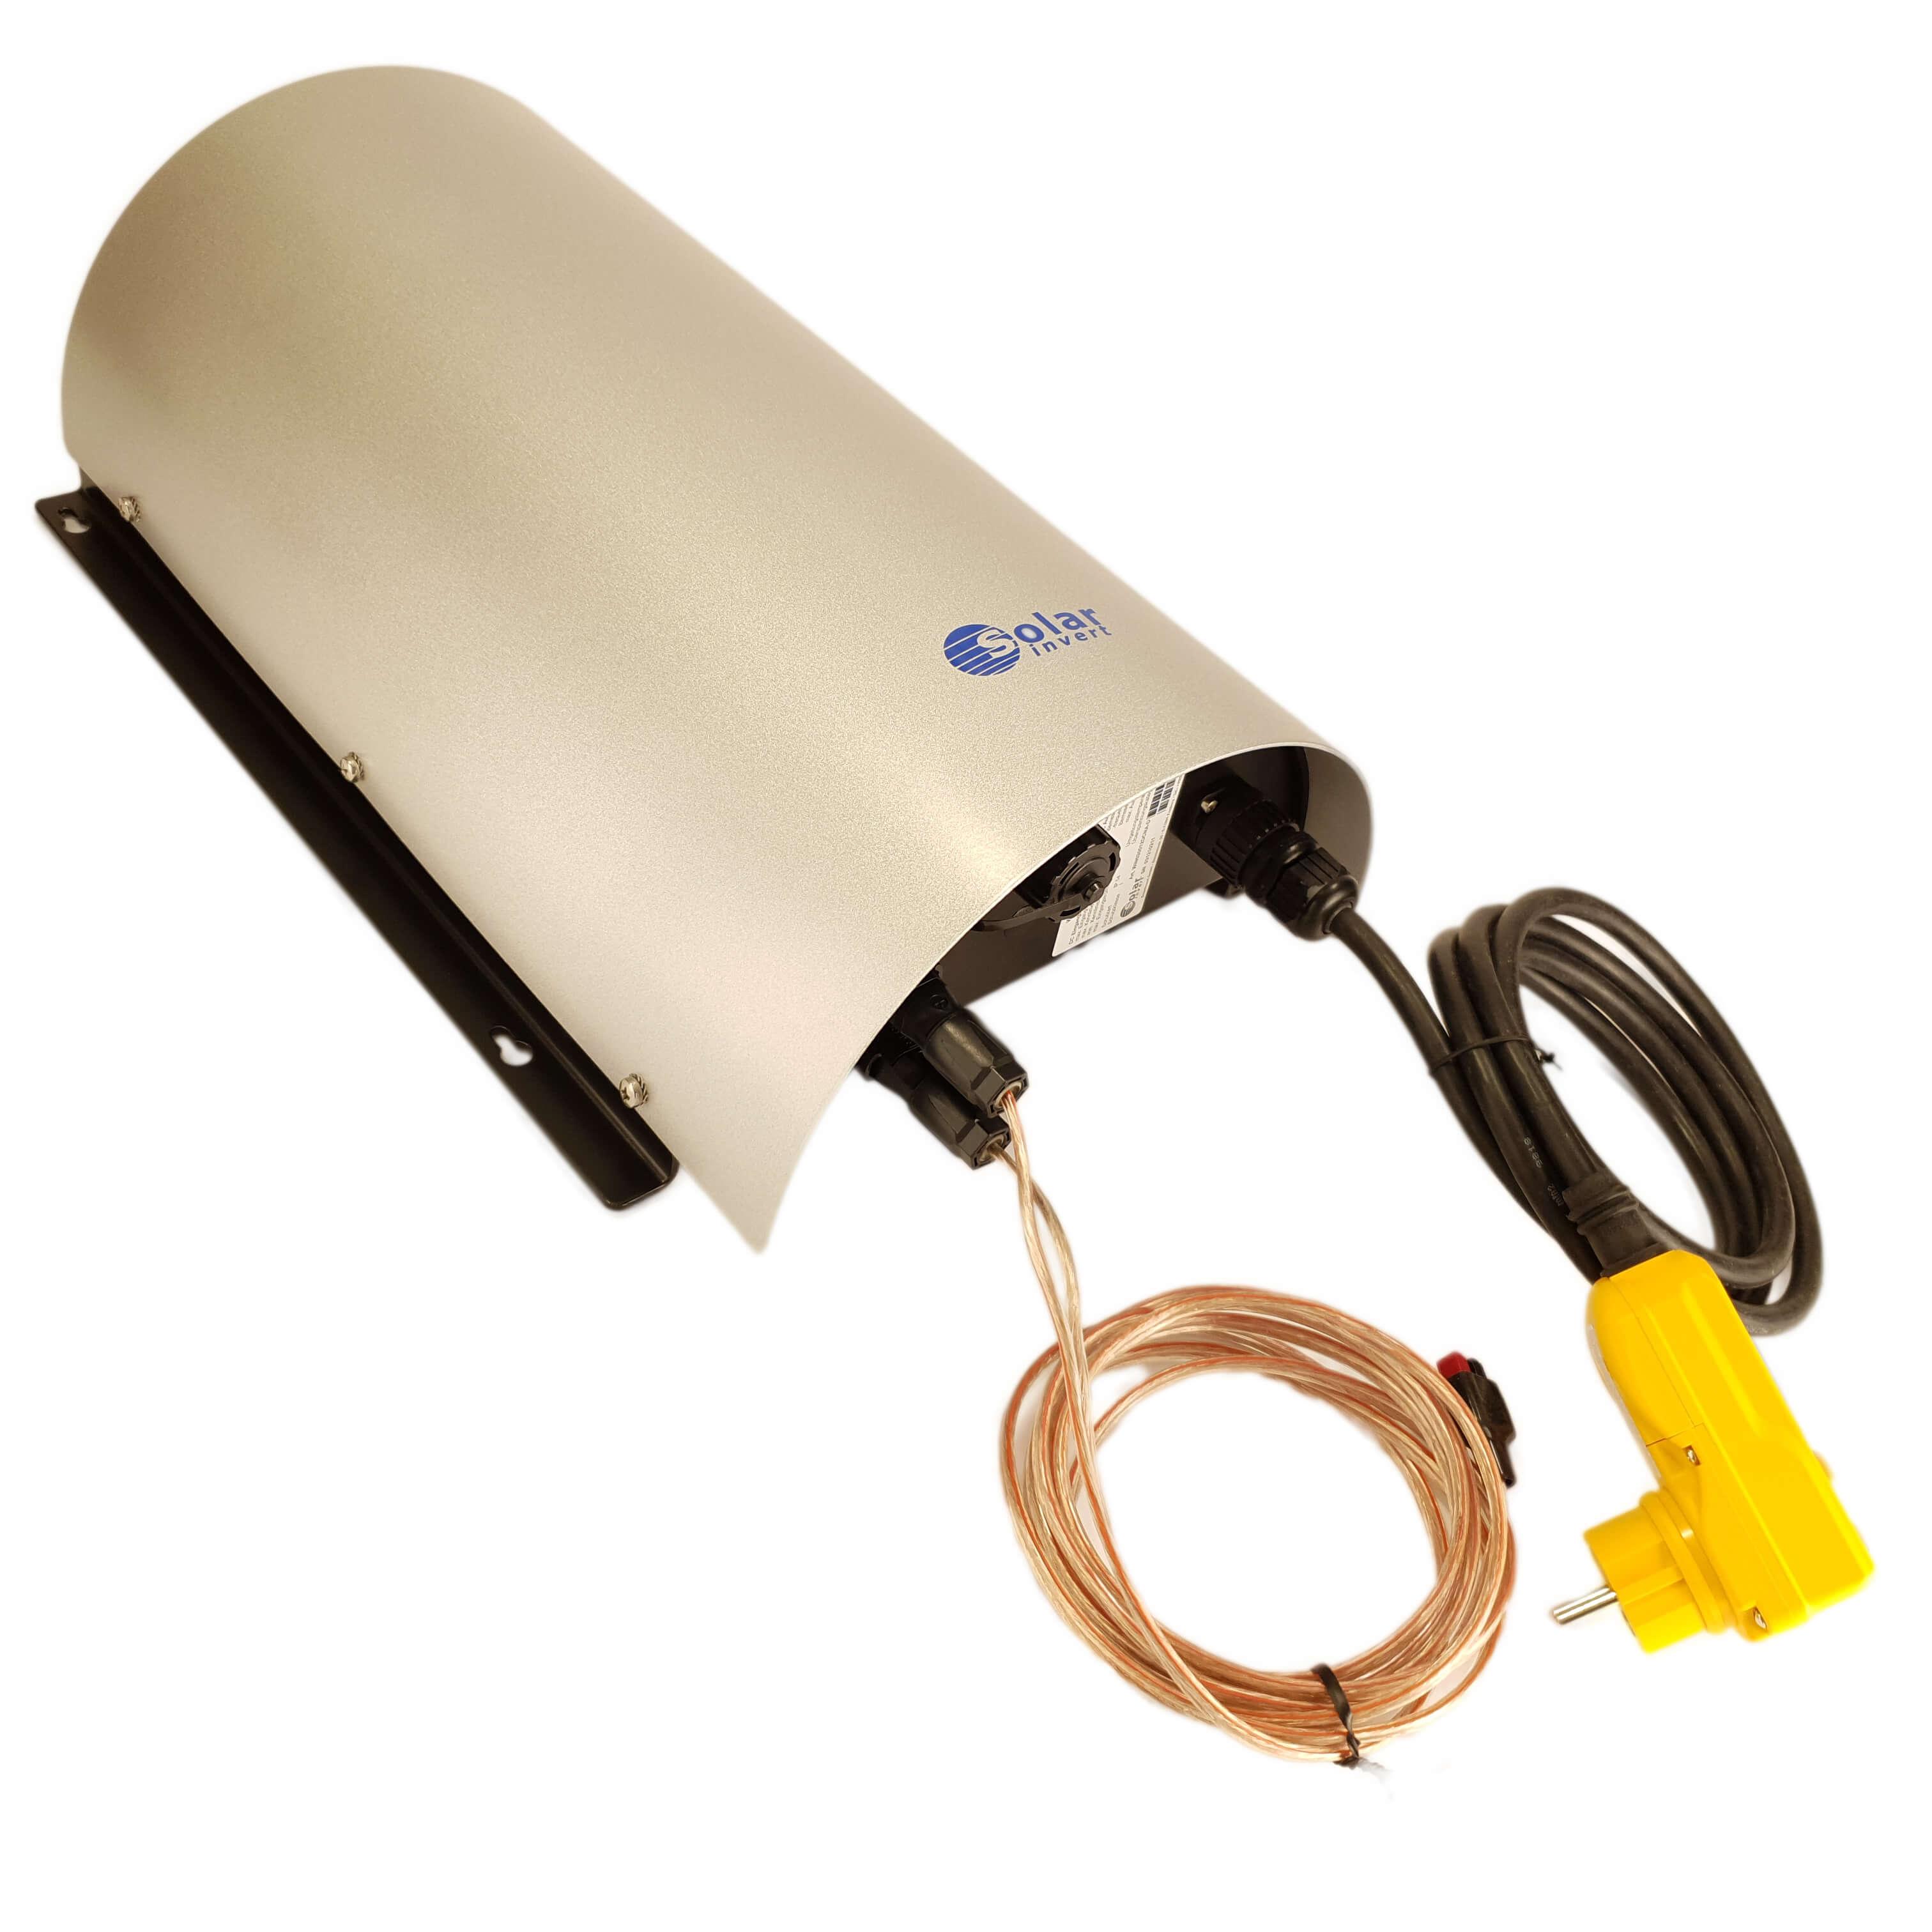 Mithilfe des Netzwechselrichters kann der Strom, der mit dem Oekotrainer erzeugt, wird ins Netz eingespeist werden.